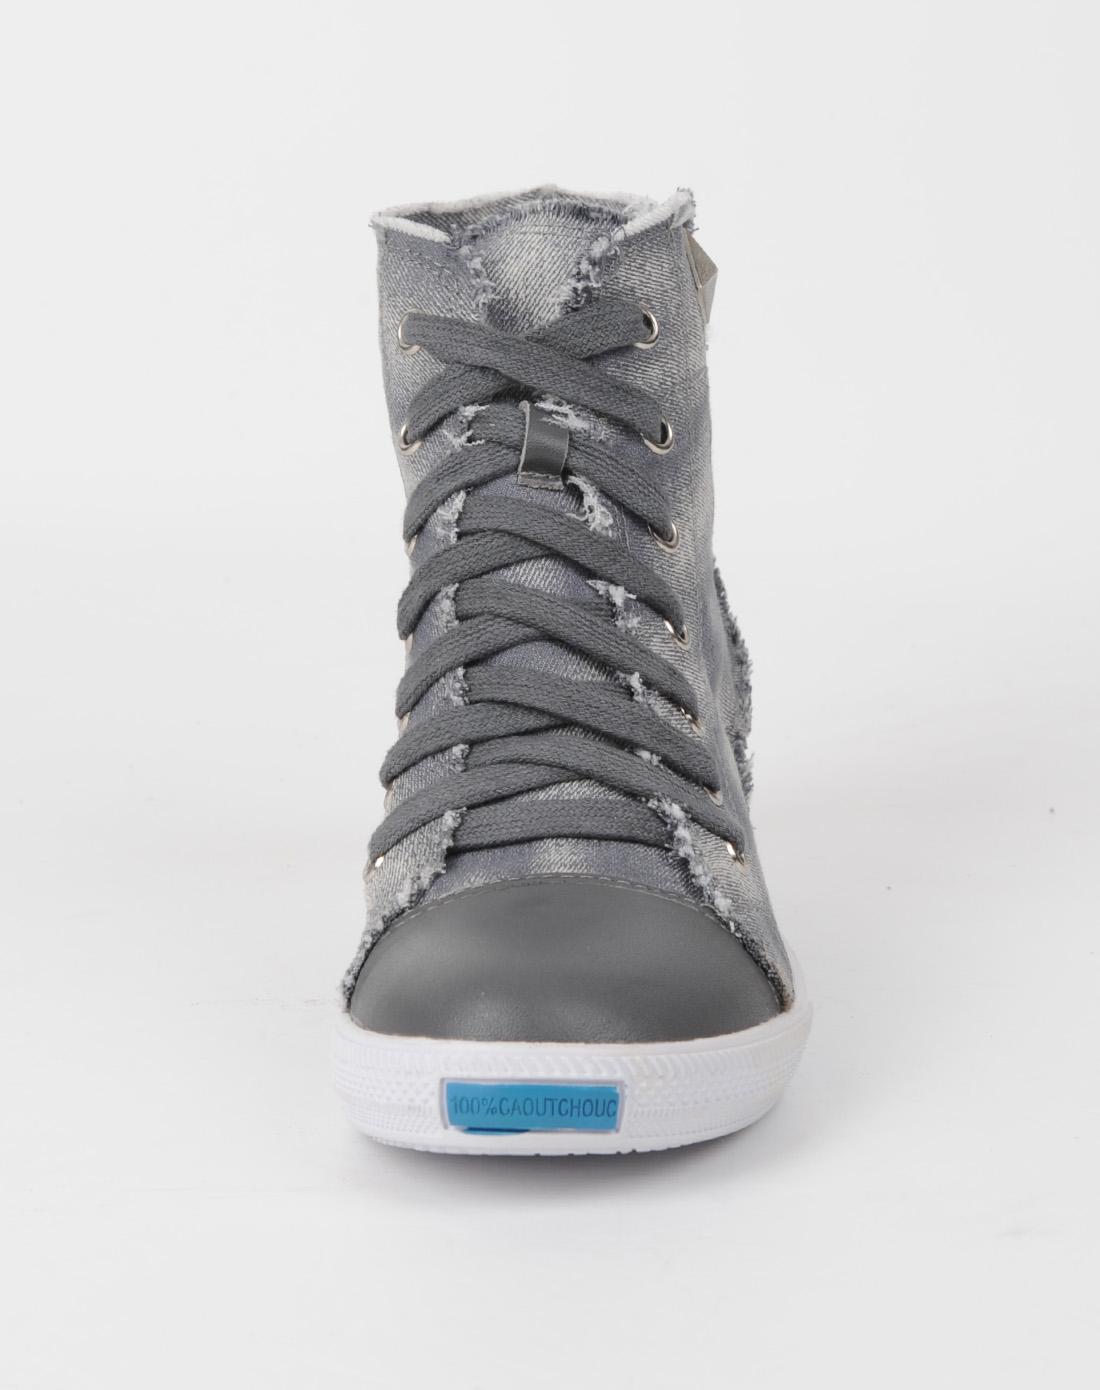 佐丹奴giordano女鞋女款灰色休闲鞋